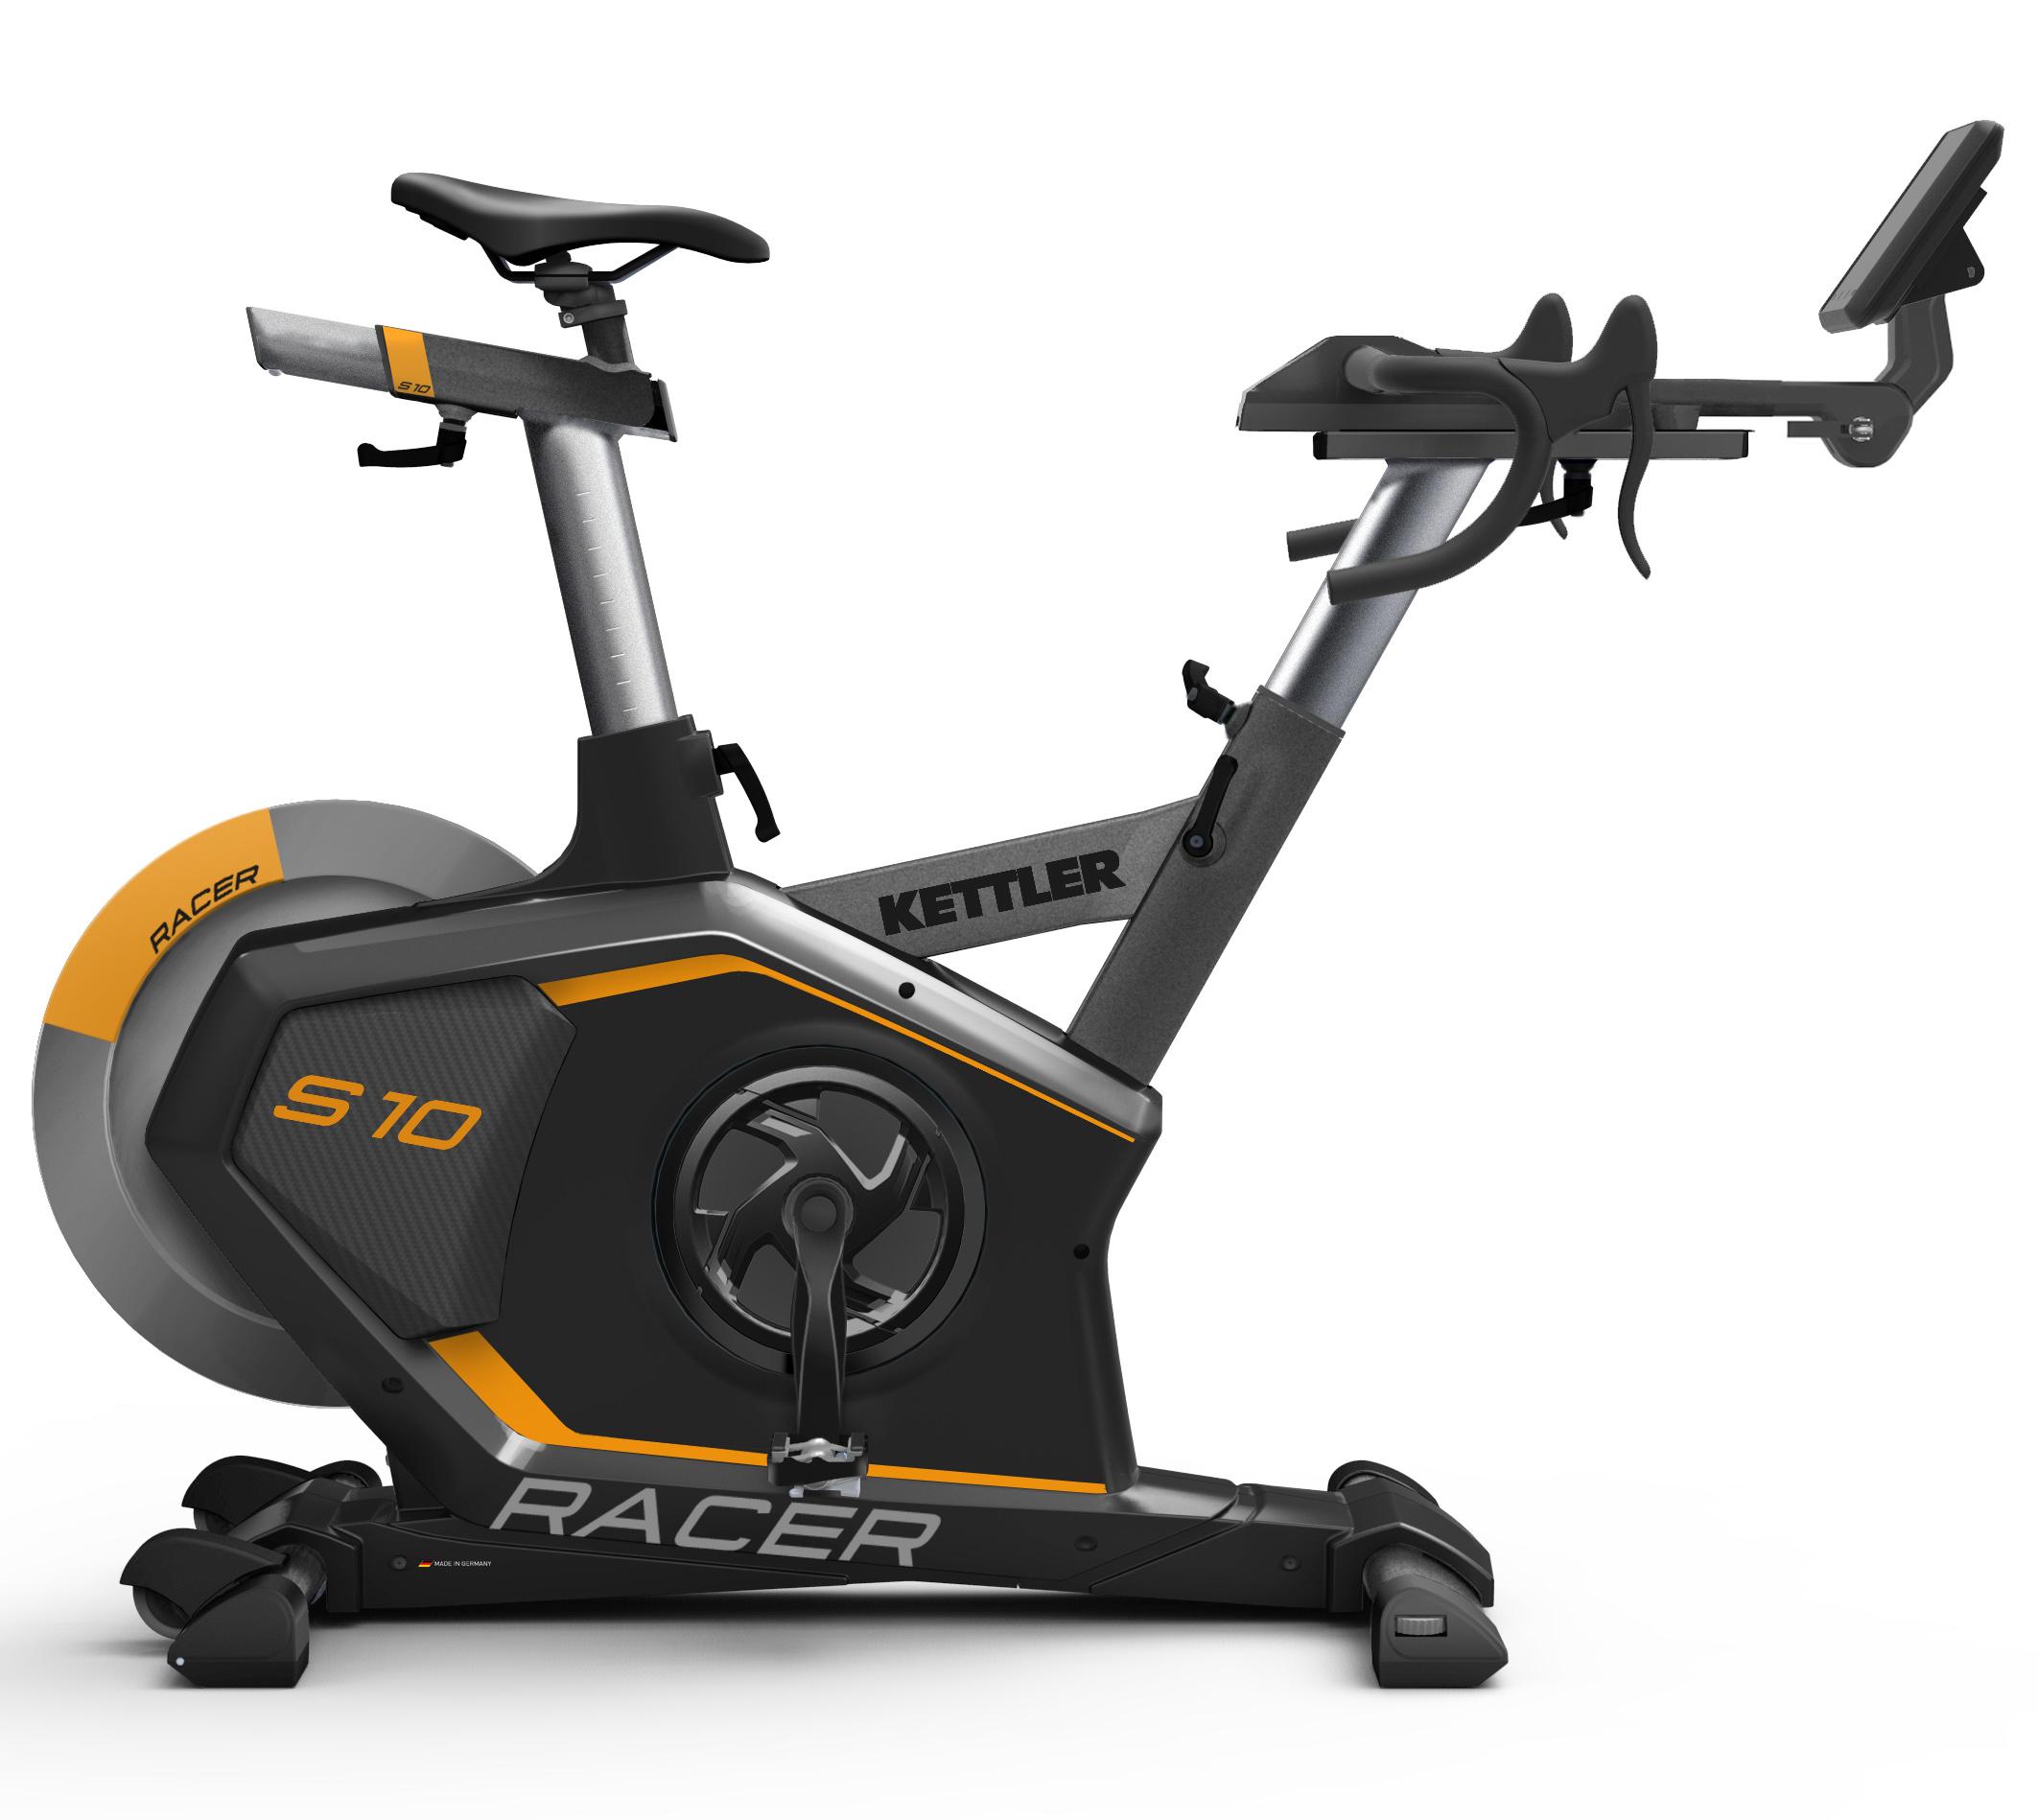 Kettler-Racer-S10-Biketrainer